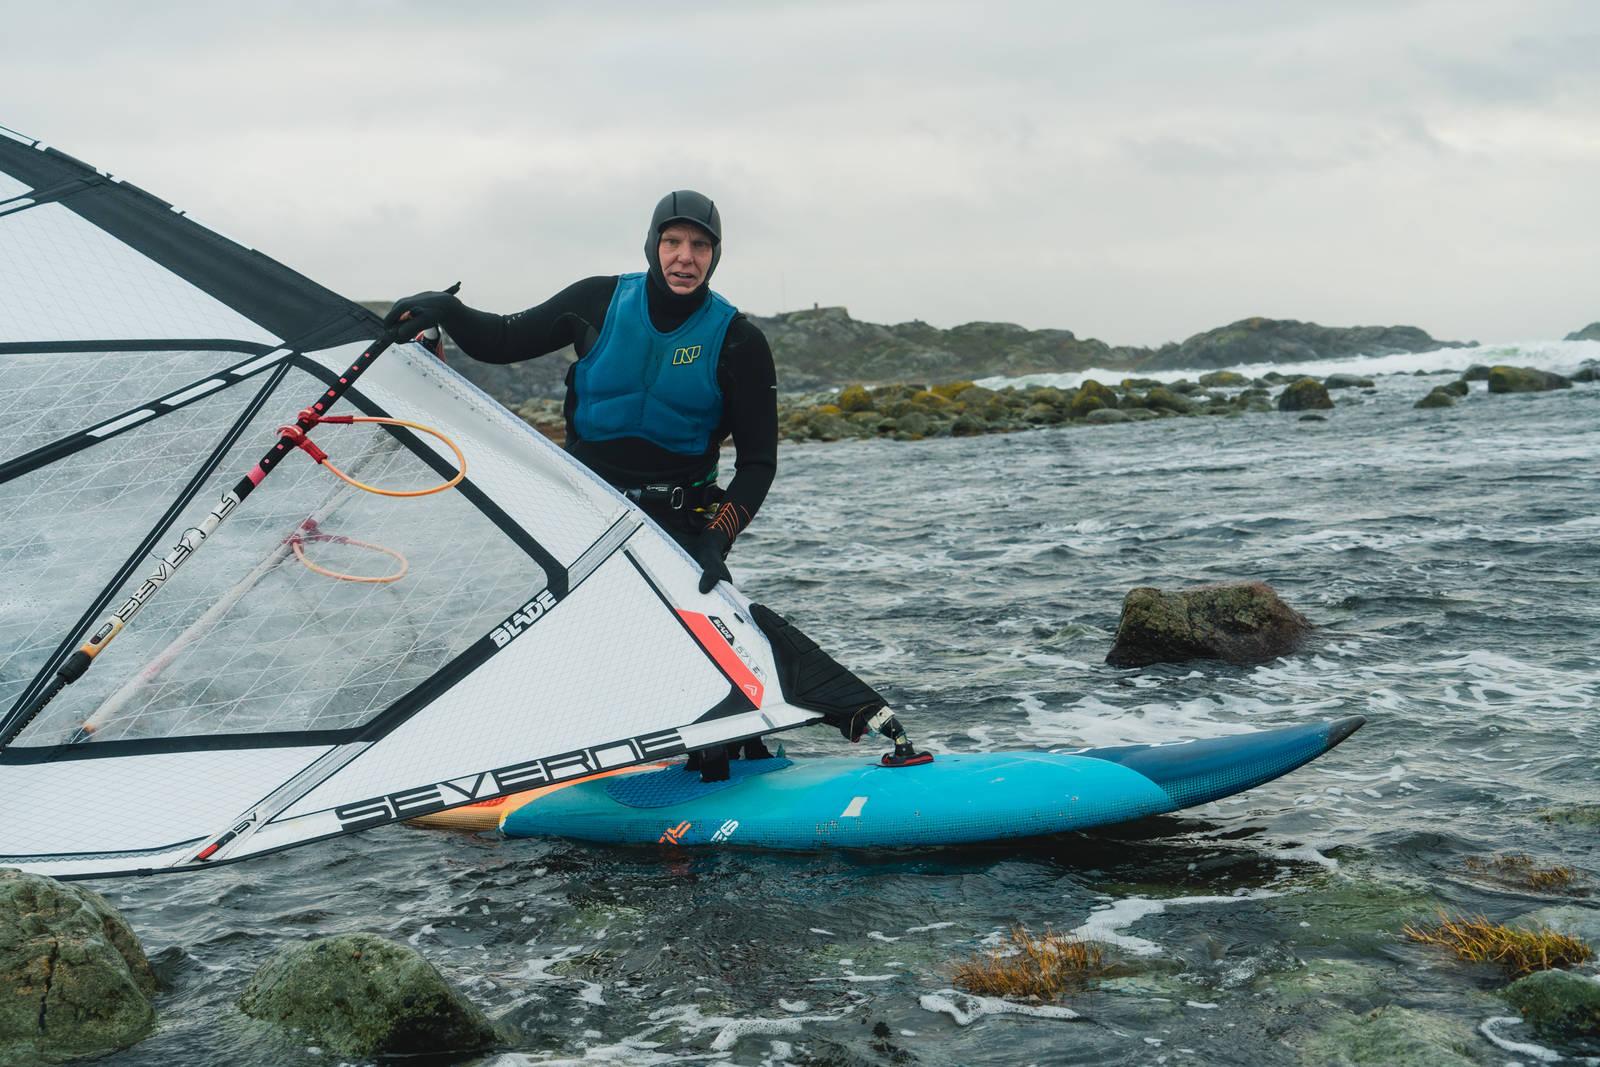 HEVDER SIN RETT: Windsurfer Olav Bleivik hevder at windsurfing alltid har vært lovlig på Saltstein. Bilde: Christian Nerdrum